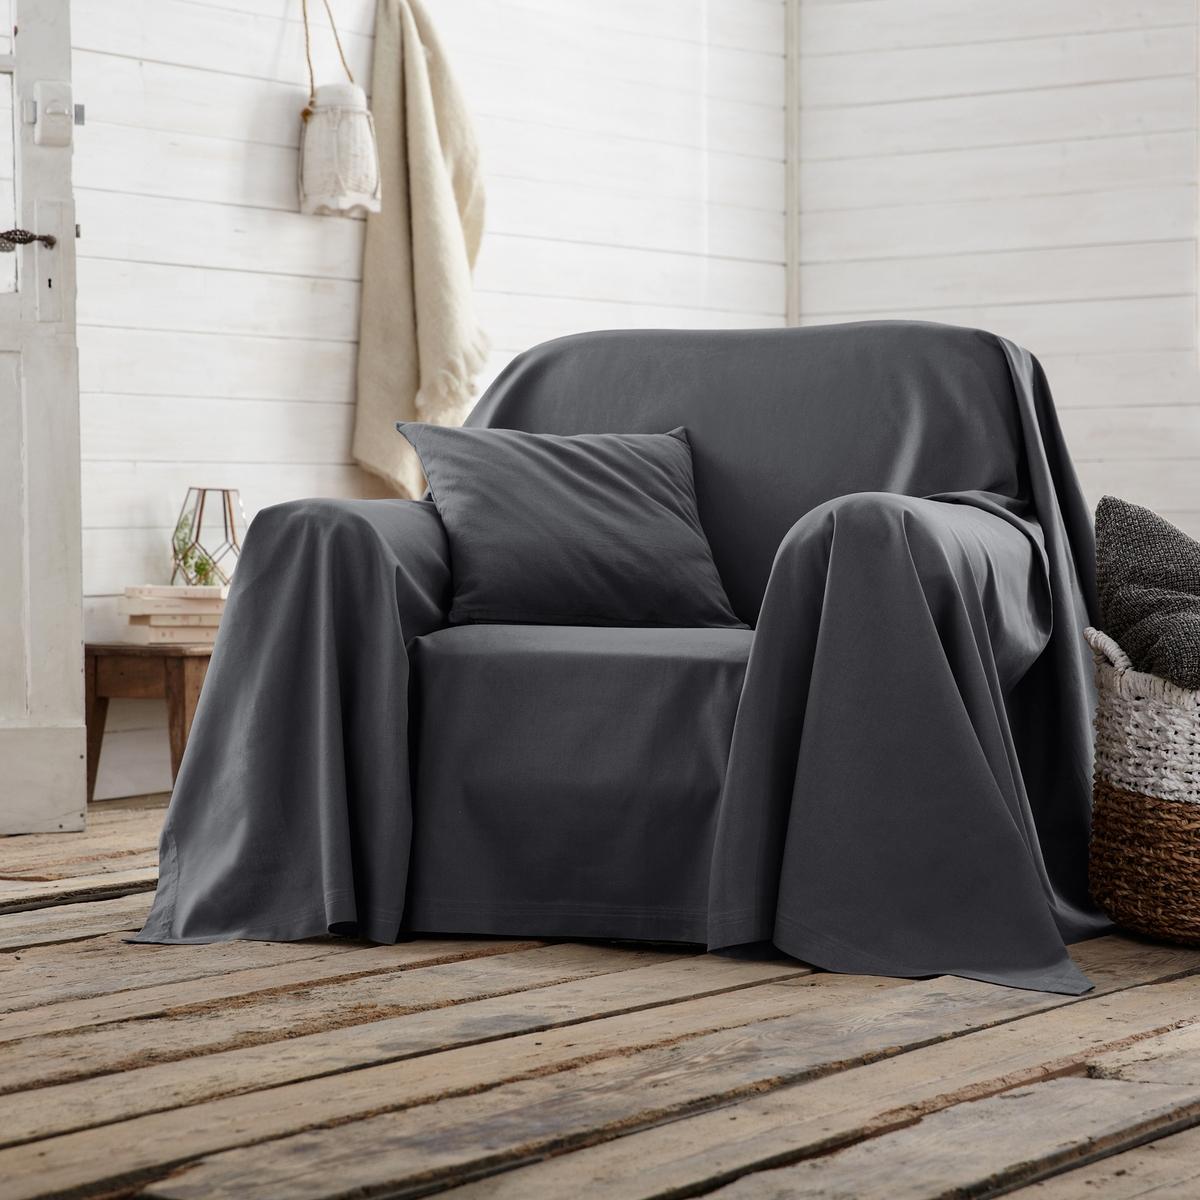 Sesselüberwurf / Sofaüberwurf SCENARIO | Heimtextilien > Hussen und Überwürfe | Baumwolle | La Redoute Interieurs